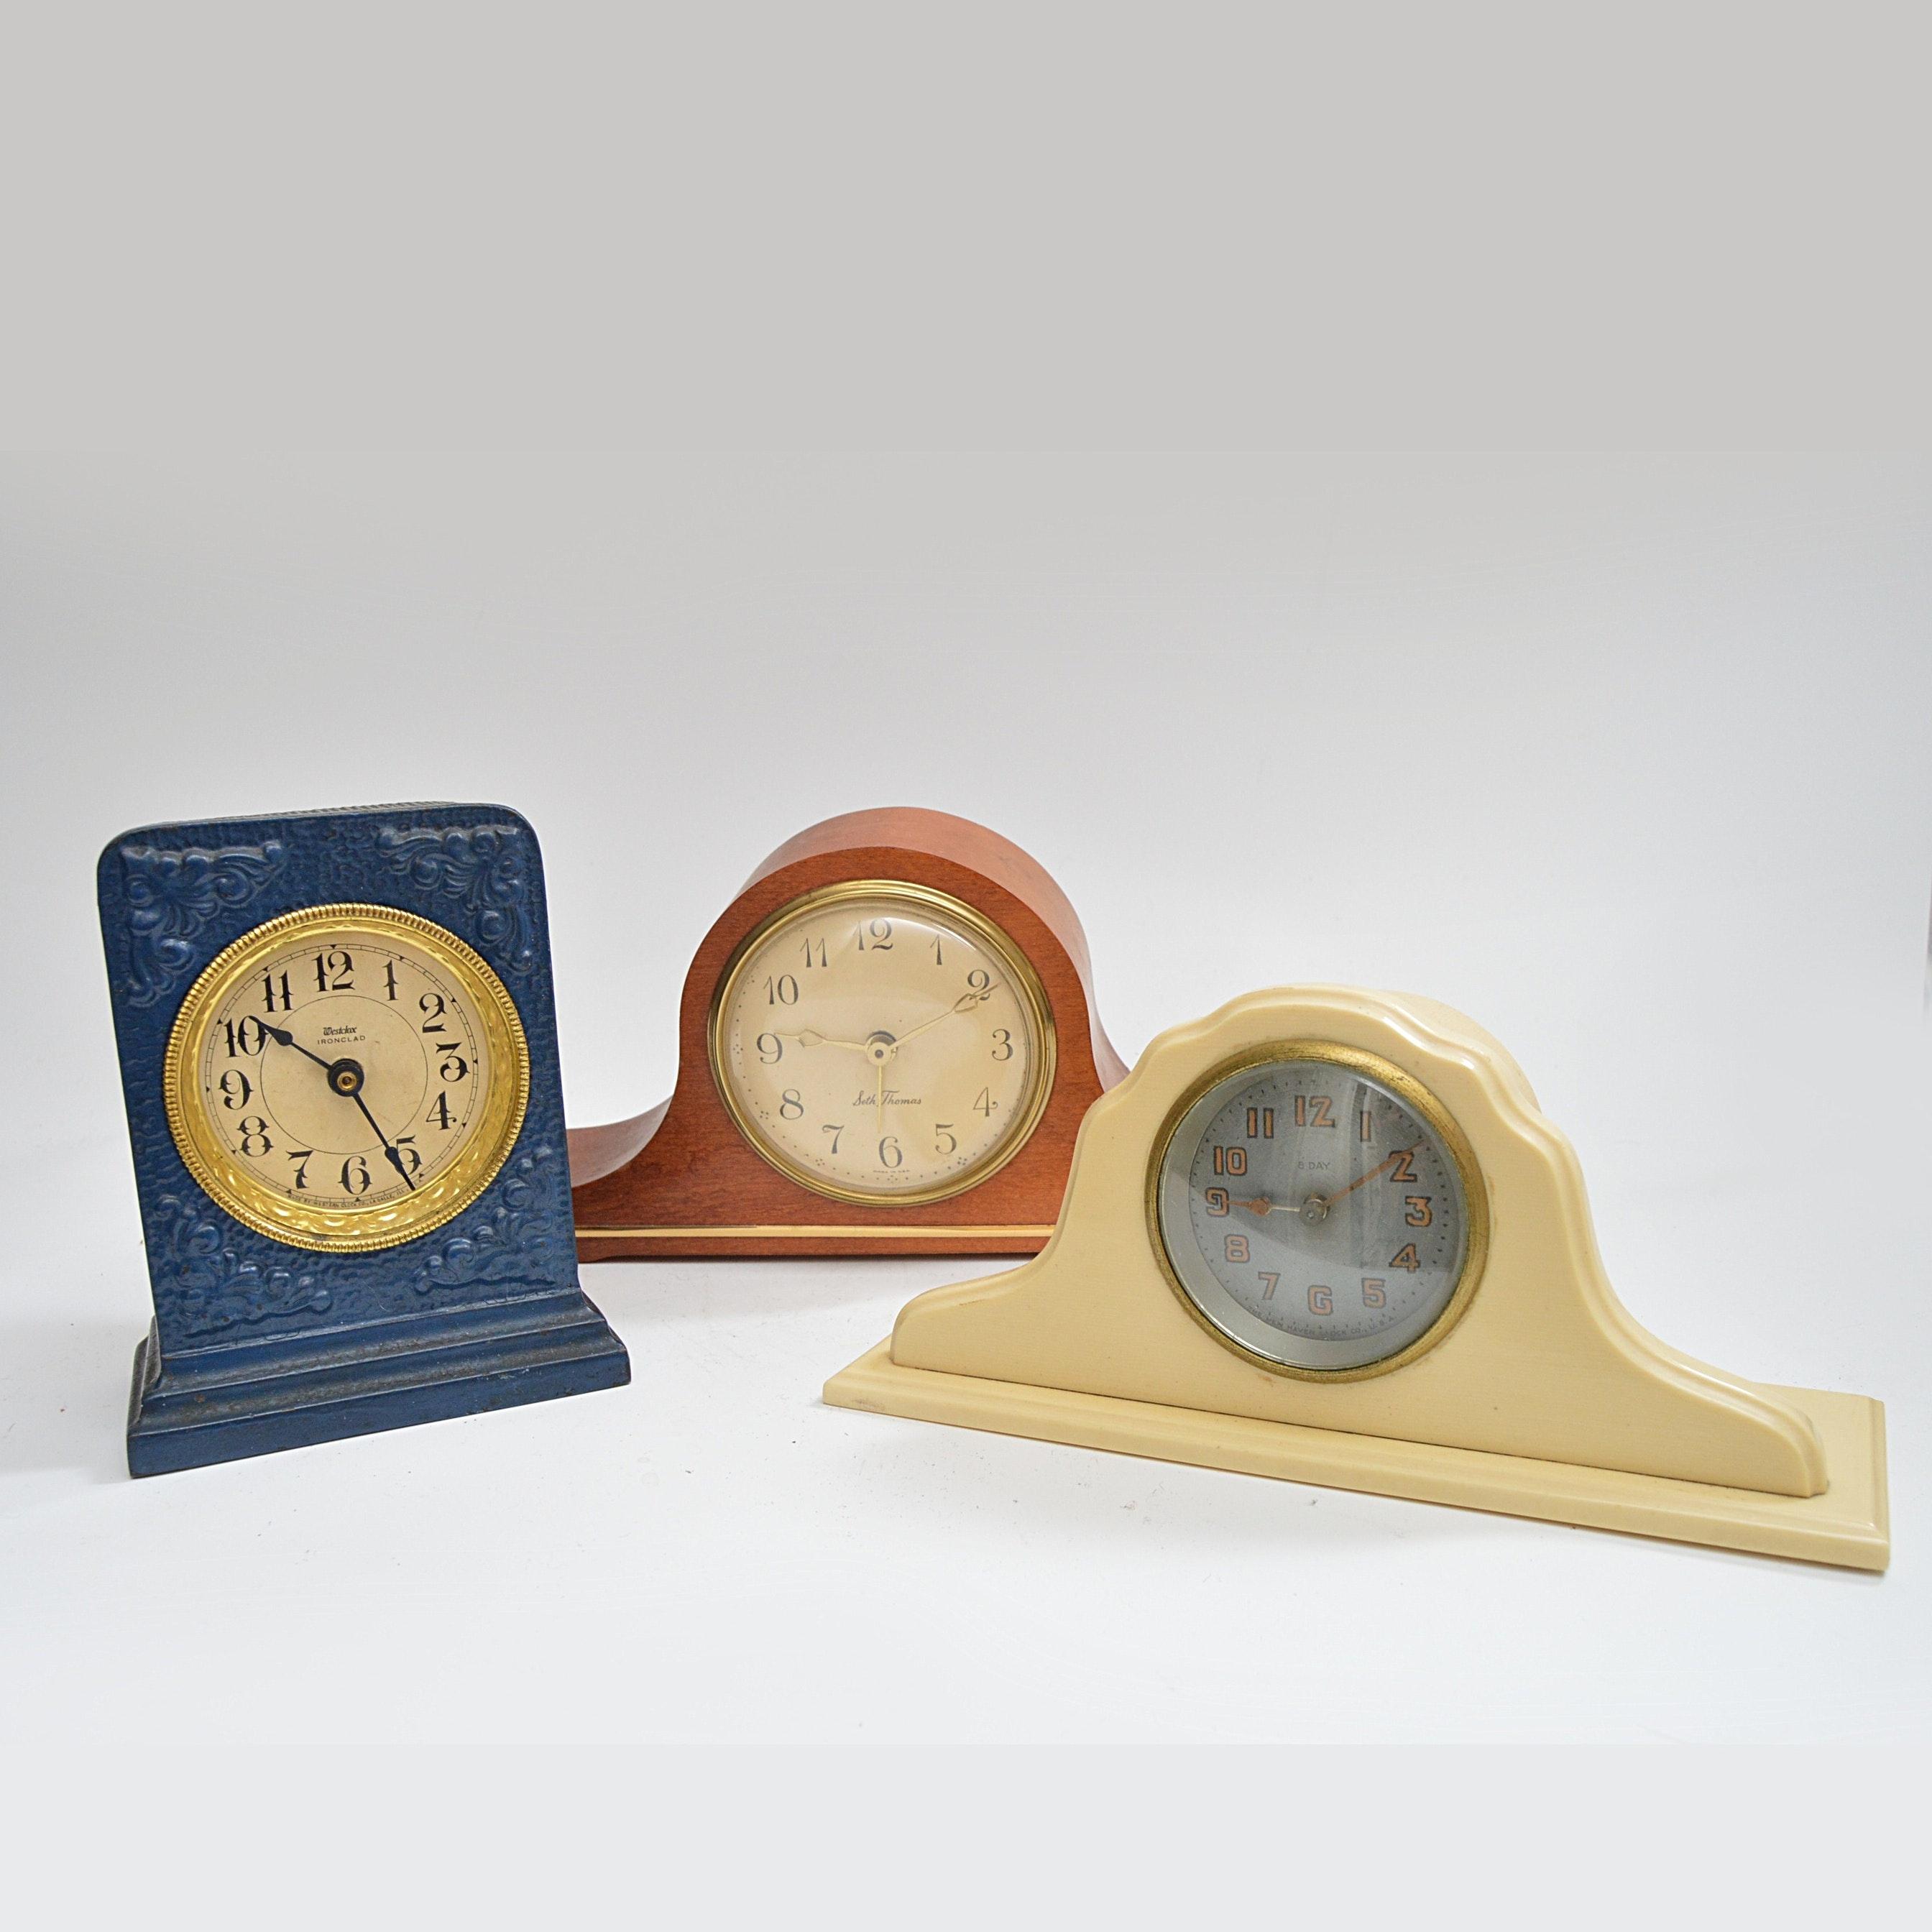 Vintage Desk Clocks